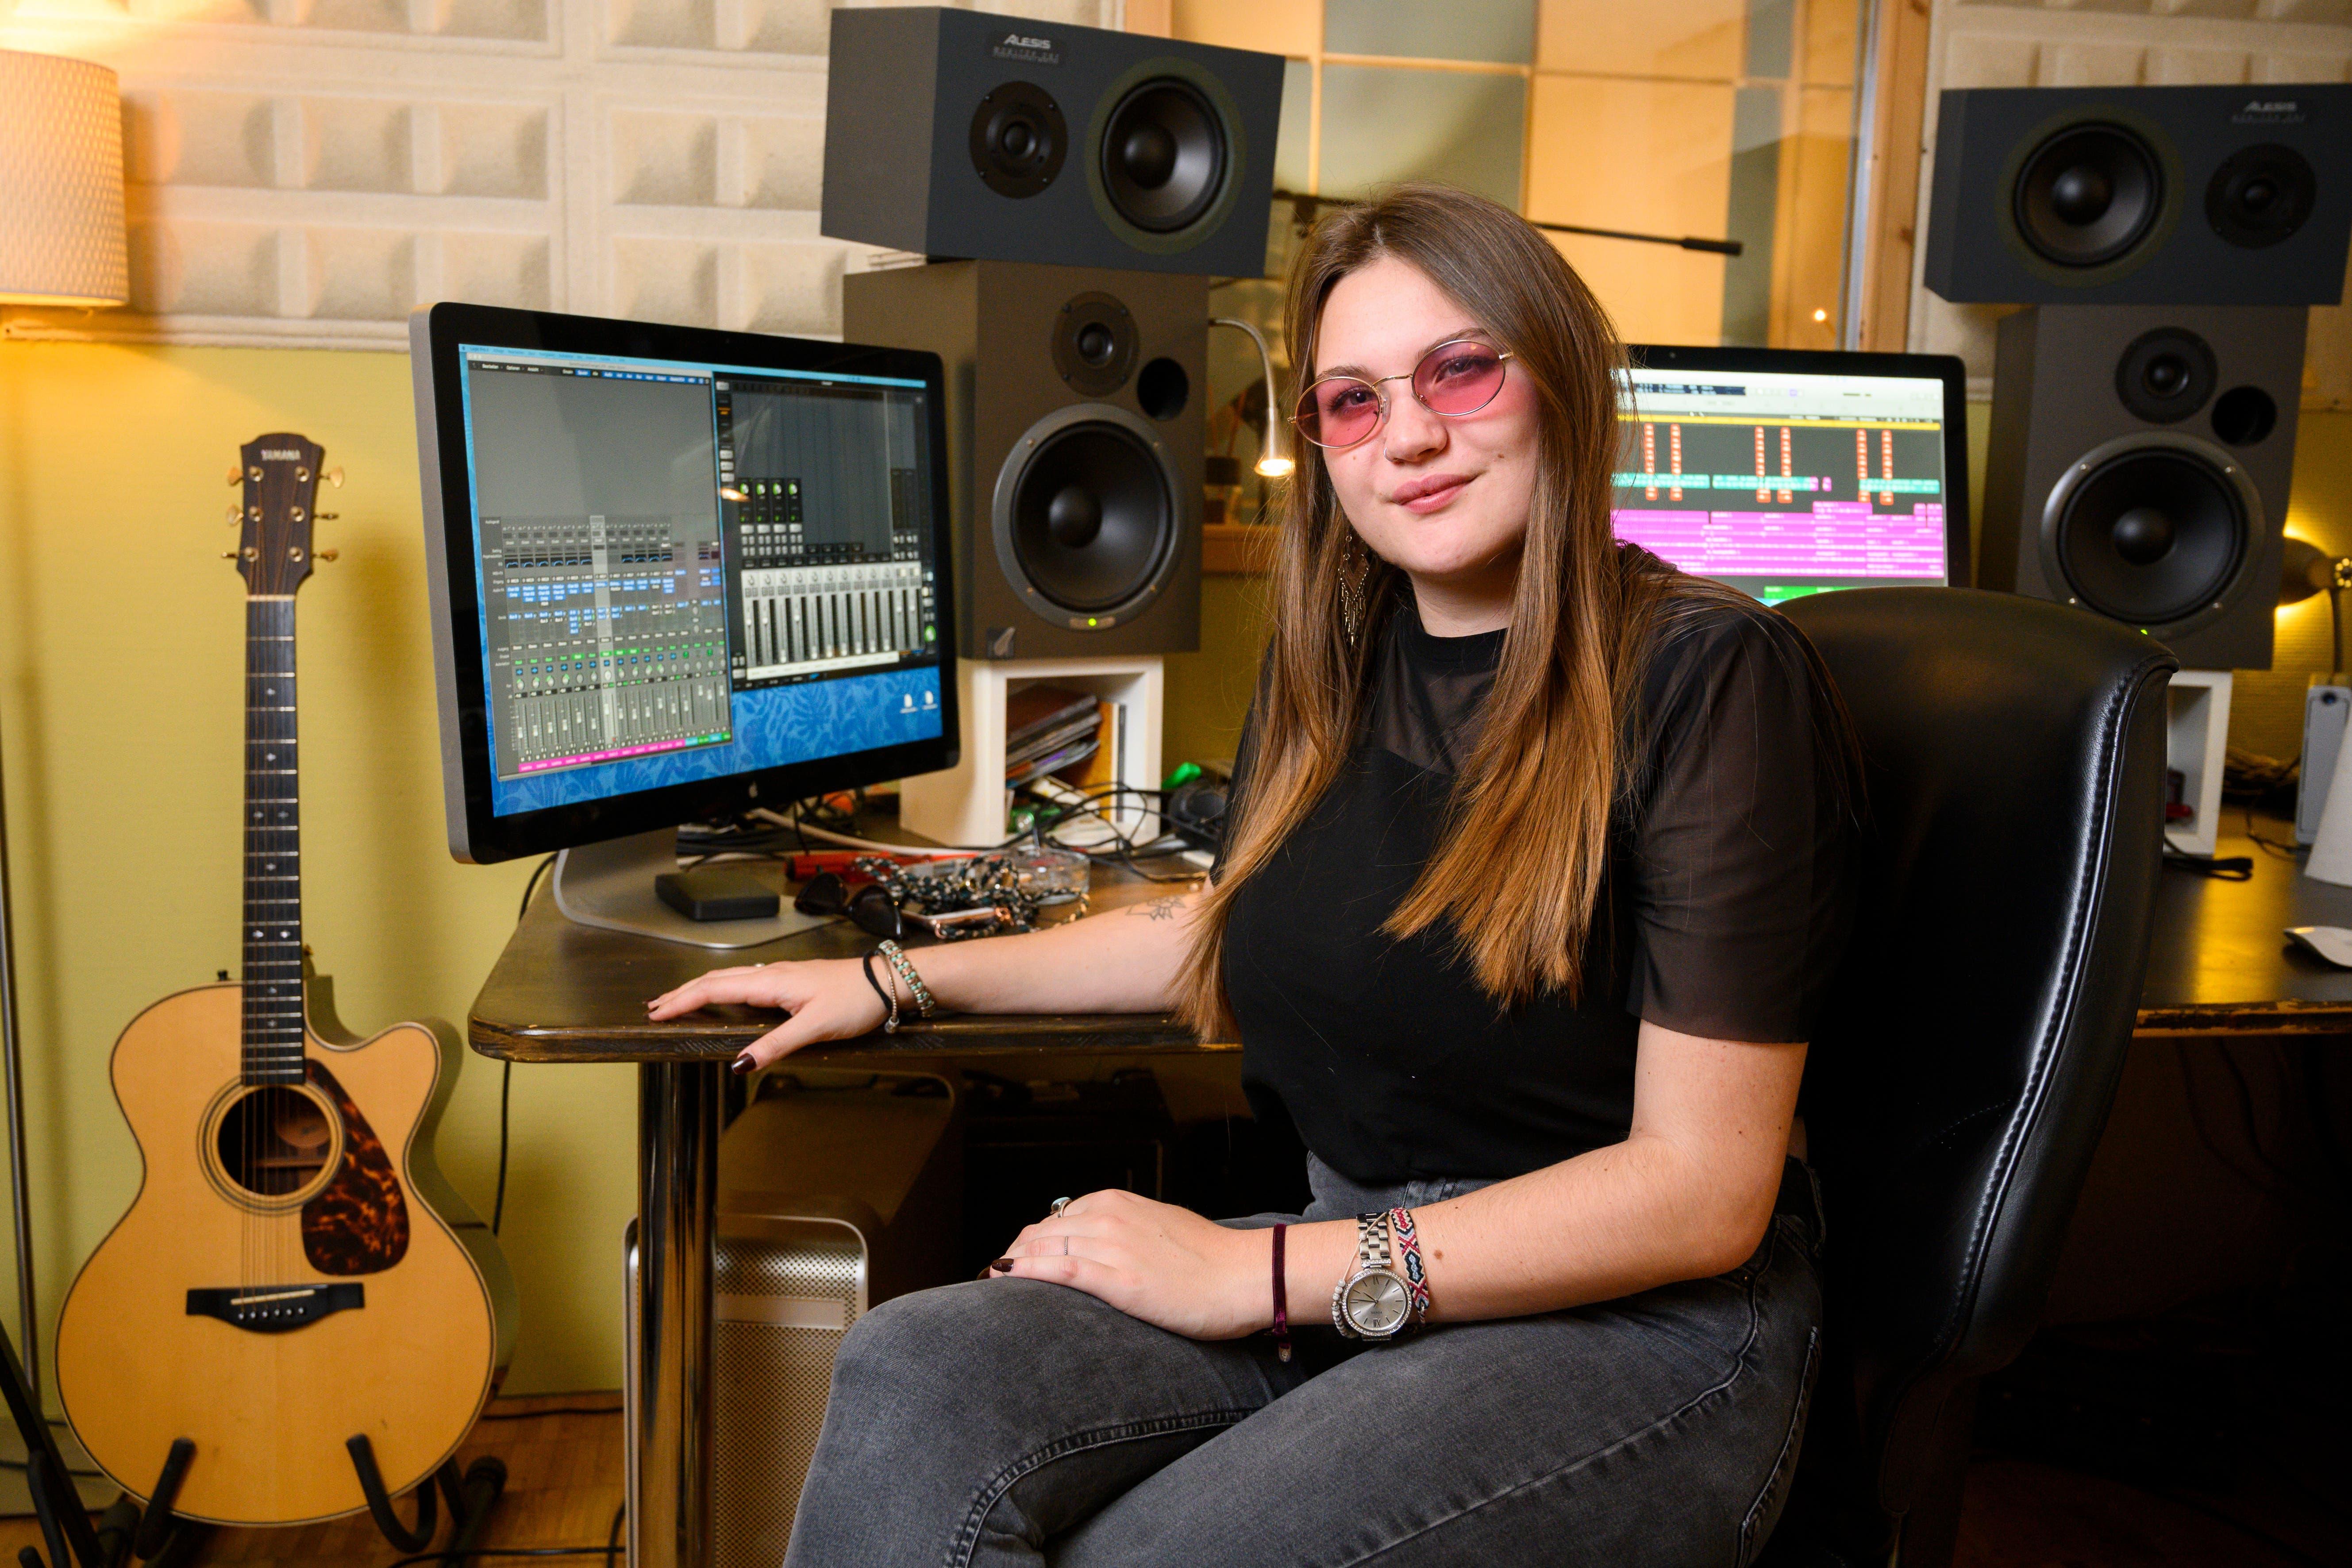 Nina Caruso hat als Maturarbeit an der Kanti Baden eigene Song komponiert, eingespielt und als EP veröffentlicht, Carusosounds, Brugg. 22. November 2019.